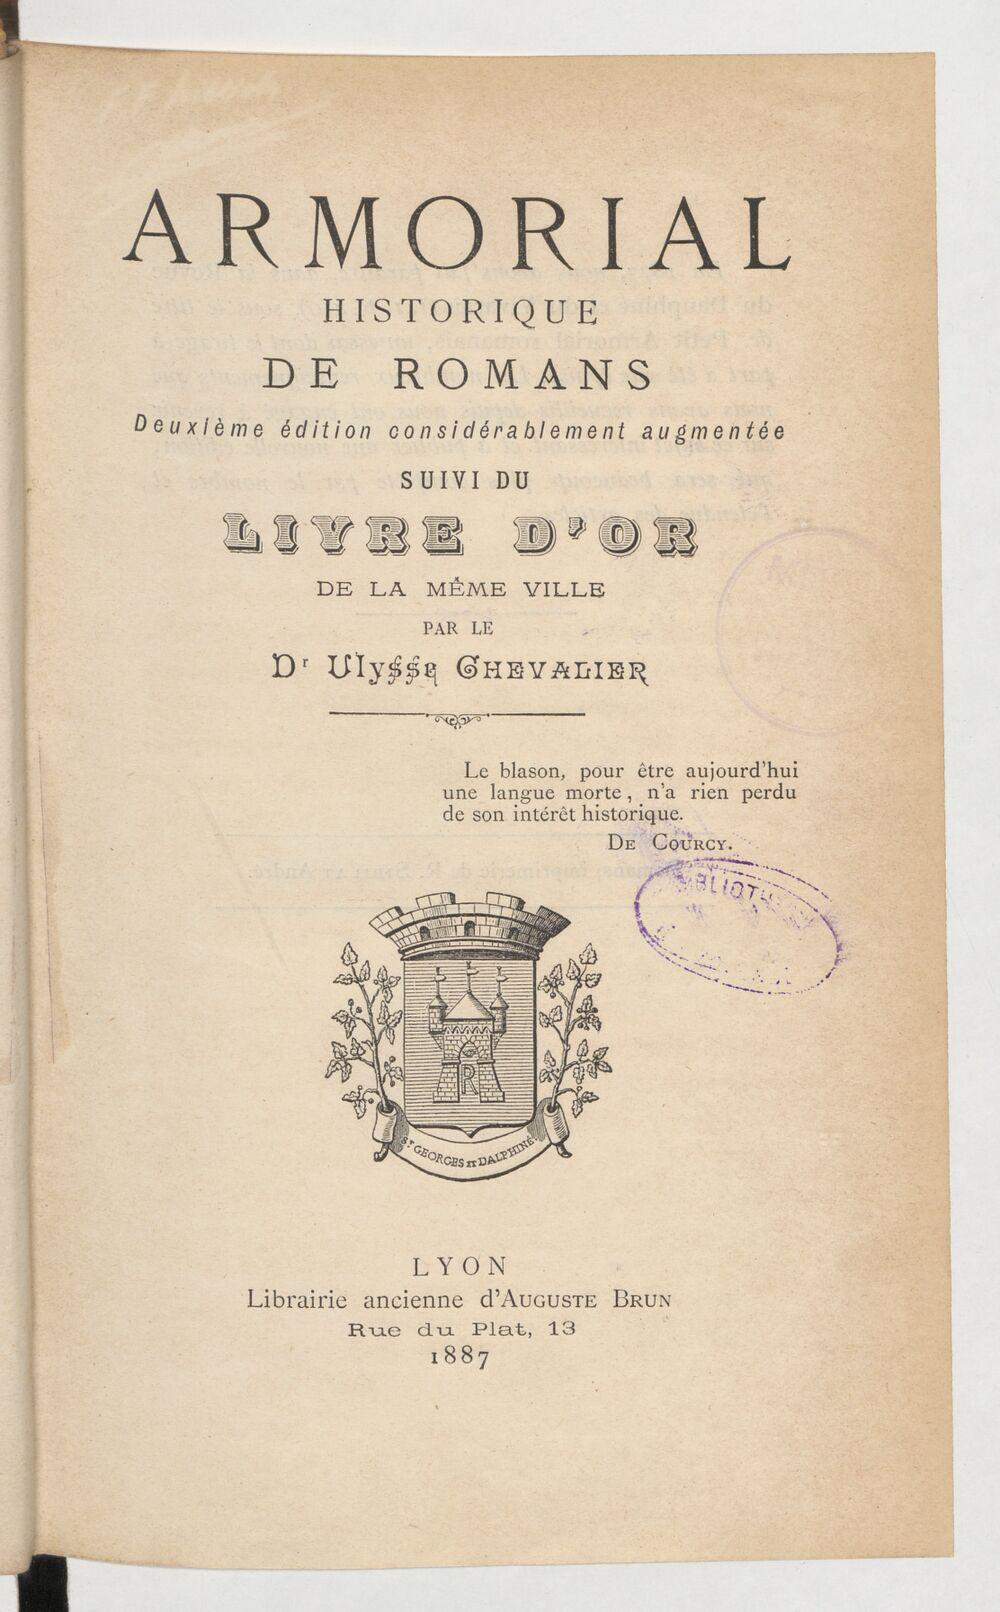 Armorial historique de Romans ; suivi du Livre d'or de la même ville (2e ed. considérablement augmentée) / par le Dr Ulysse Chevalier